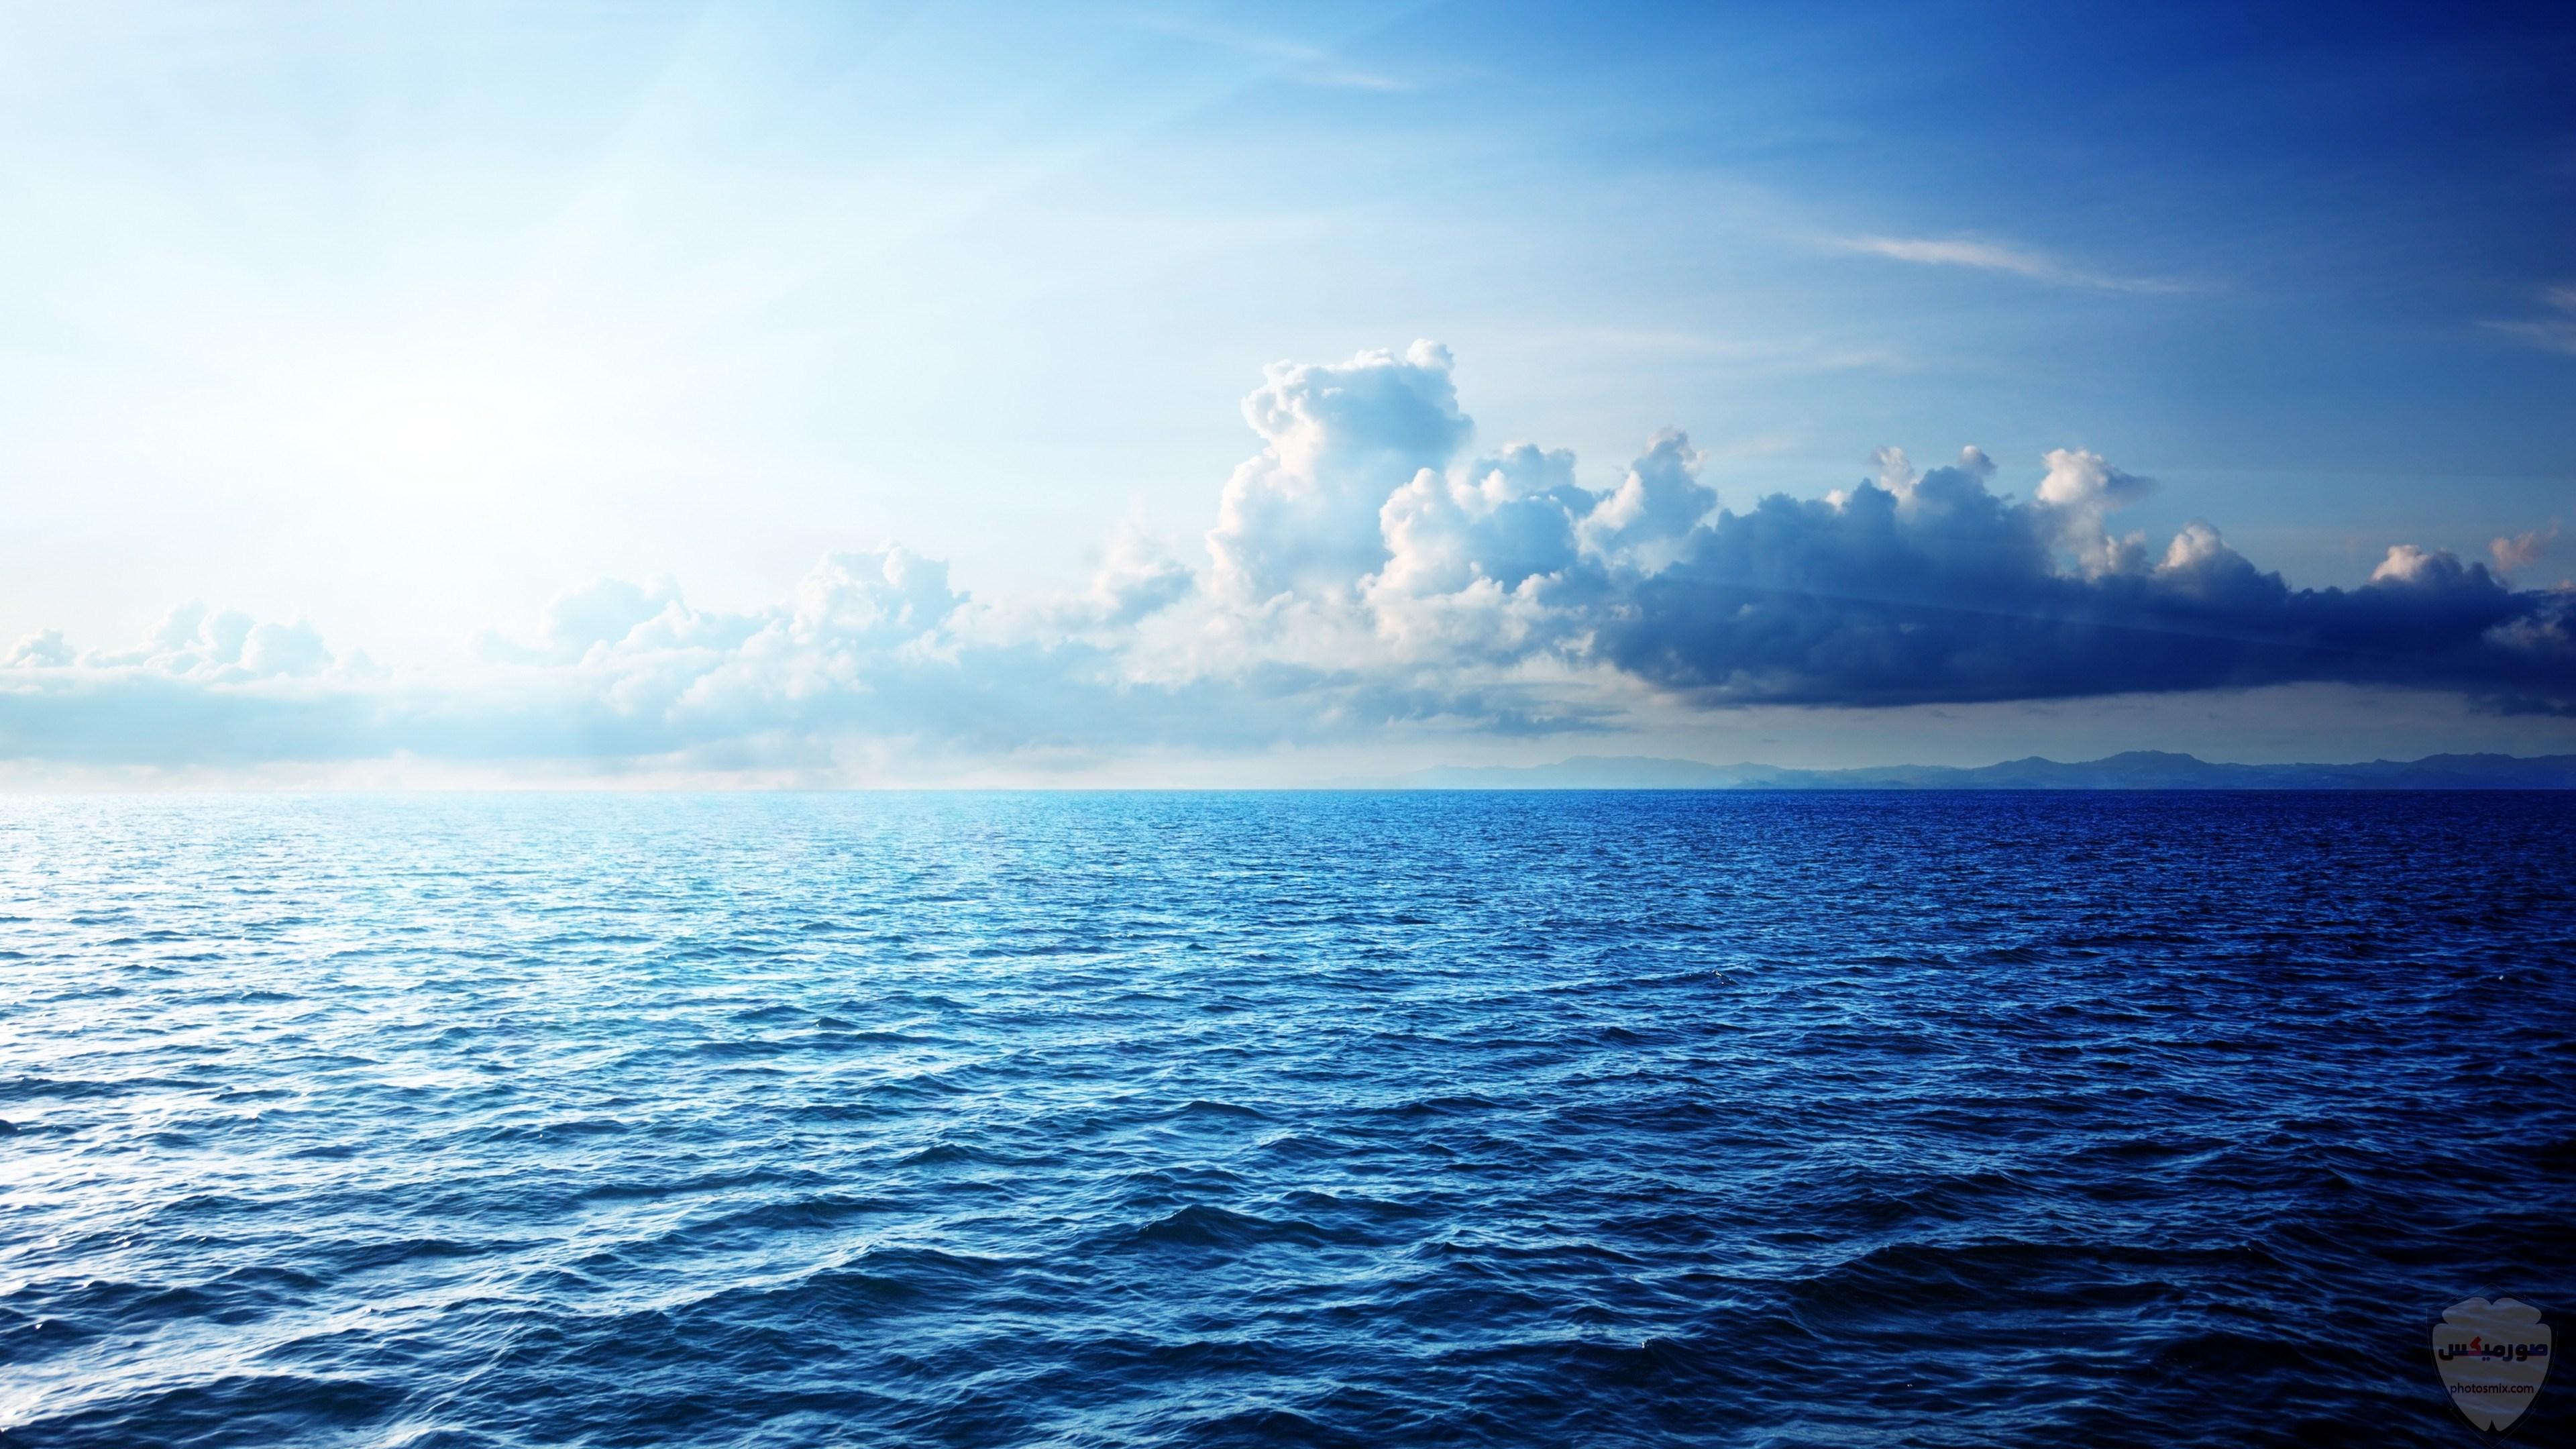 صور بحر وشاطئ صور وخلفيات بحور وشواطئ جميلة اجمل خلفيات بحار جودة عالية 10